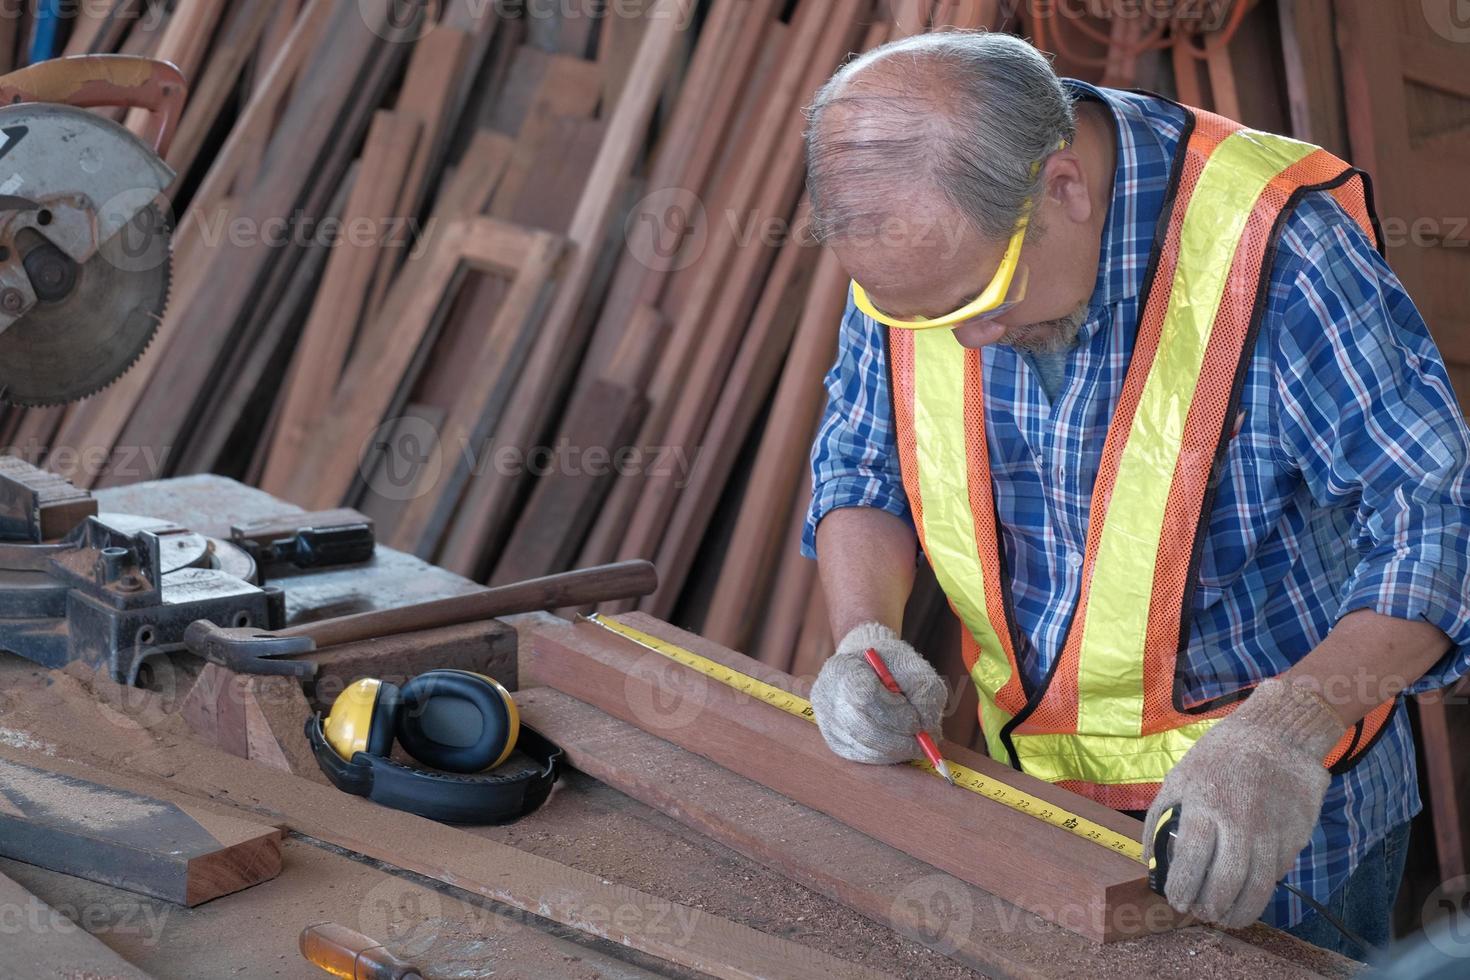 Viejo carpintero asiático que trabaja en una fábrica de carpintería. foto